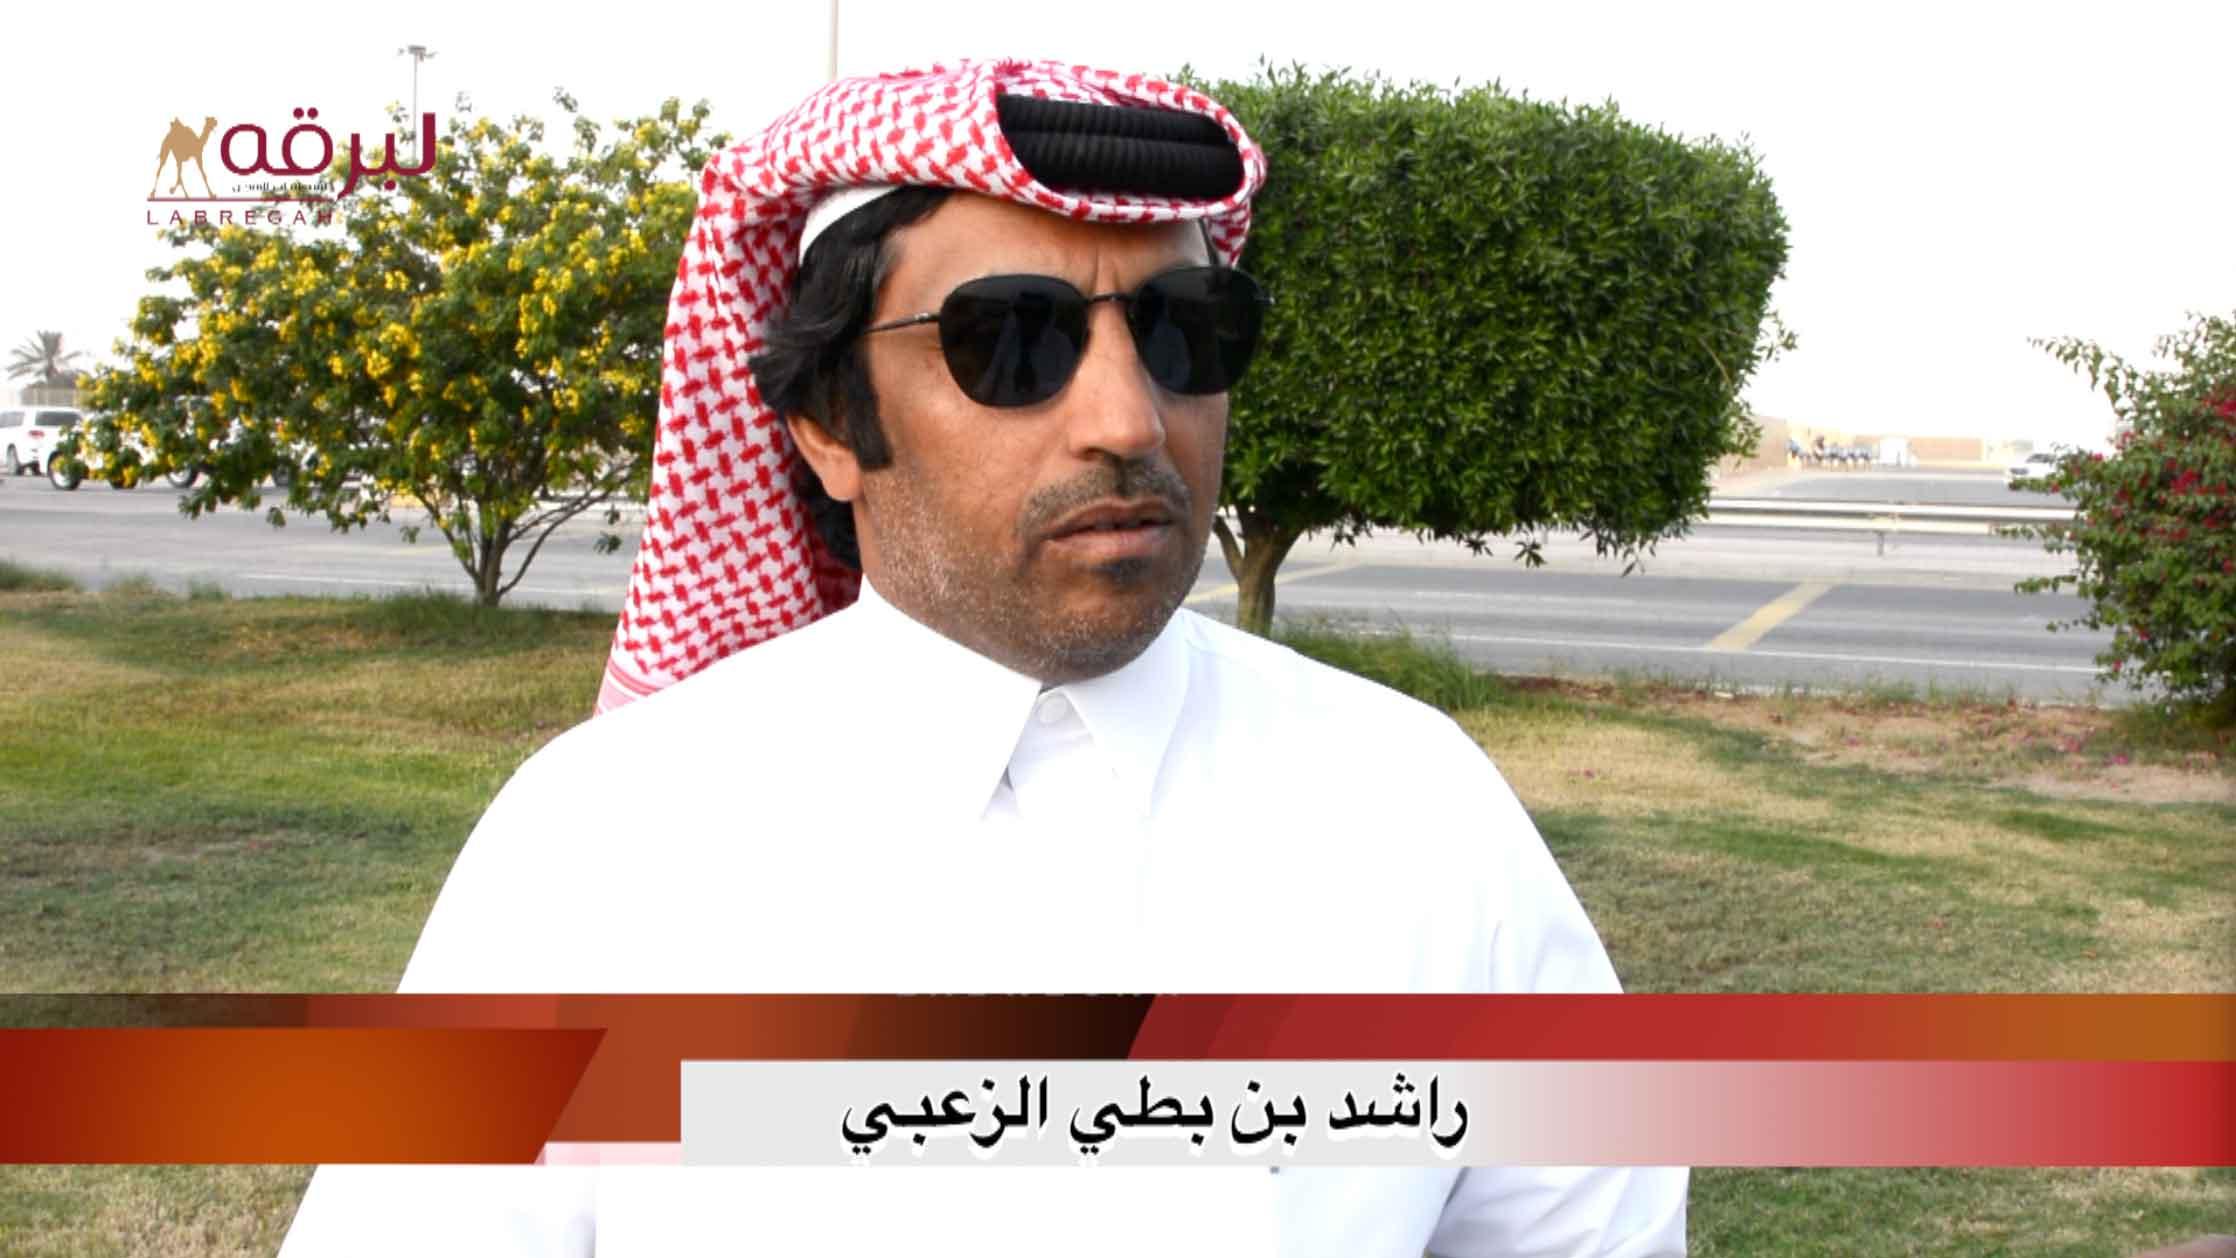 لقاء مع راشد بن بطي الزعبي.. الخنجر الذهبي للحقايق قعدان « مفتوح » الأشواط المفتوحة  ٢٨-١١-٢٠٢٠